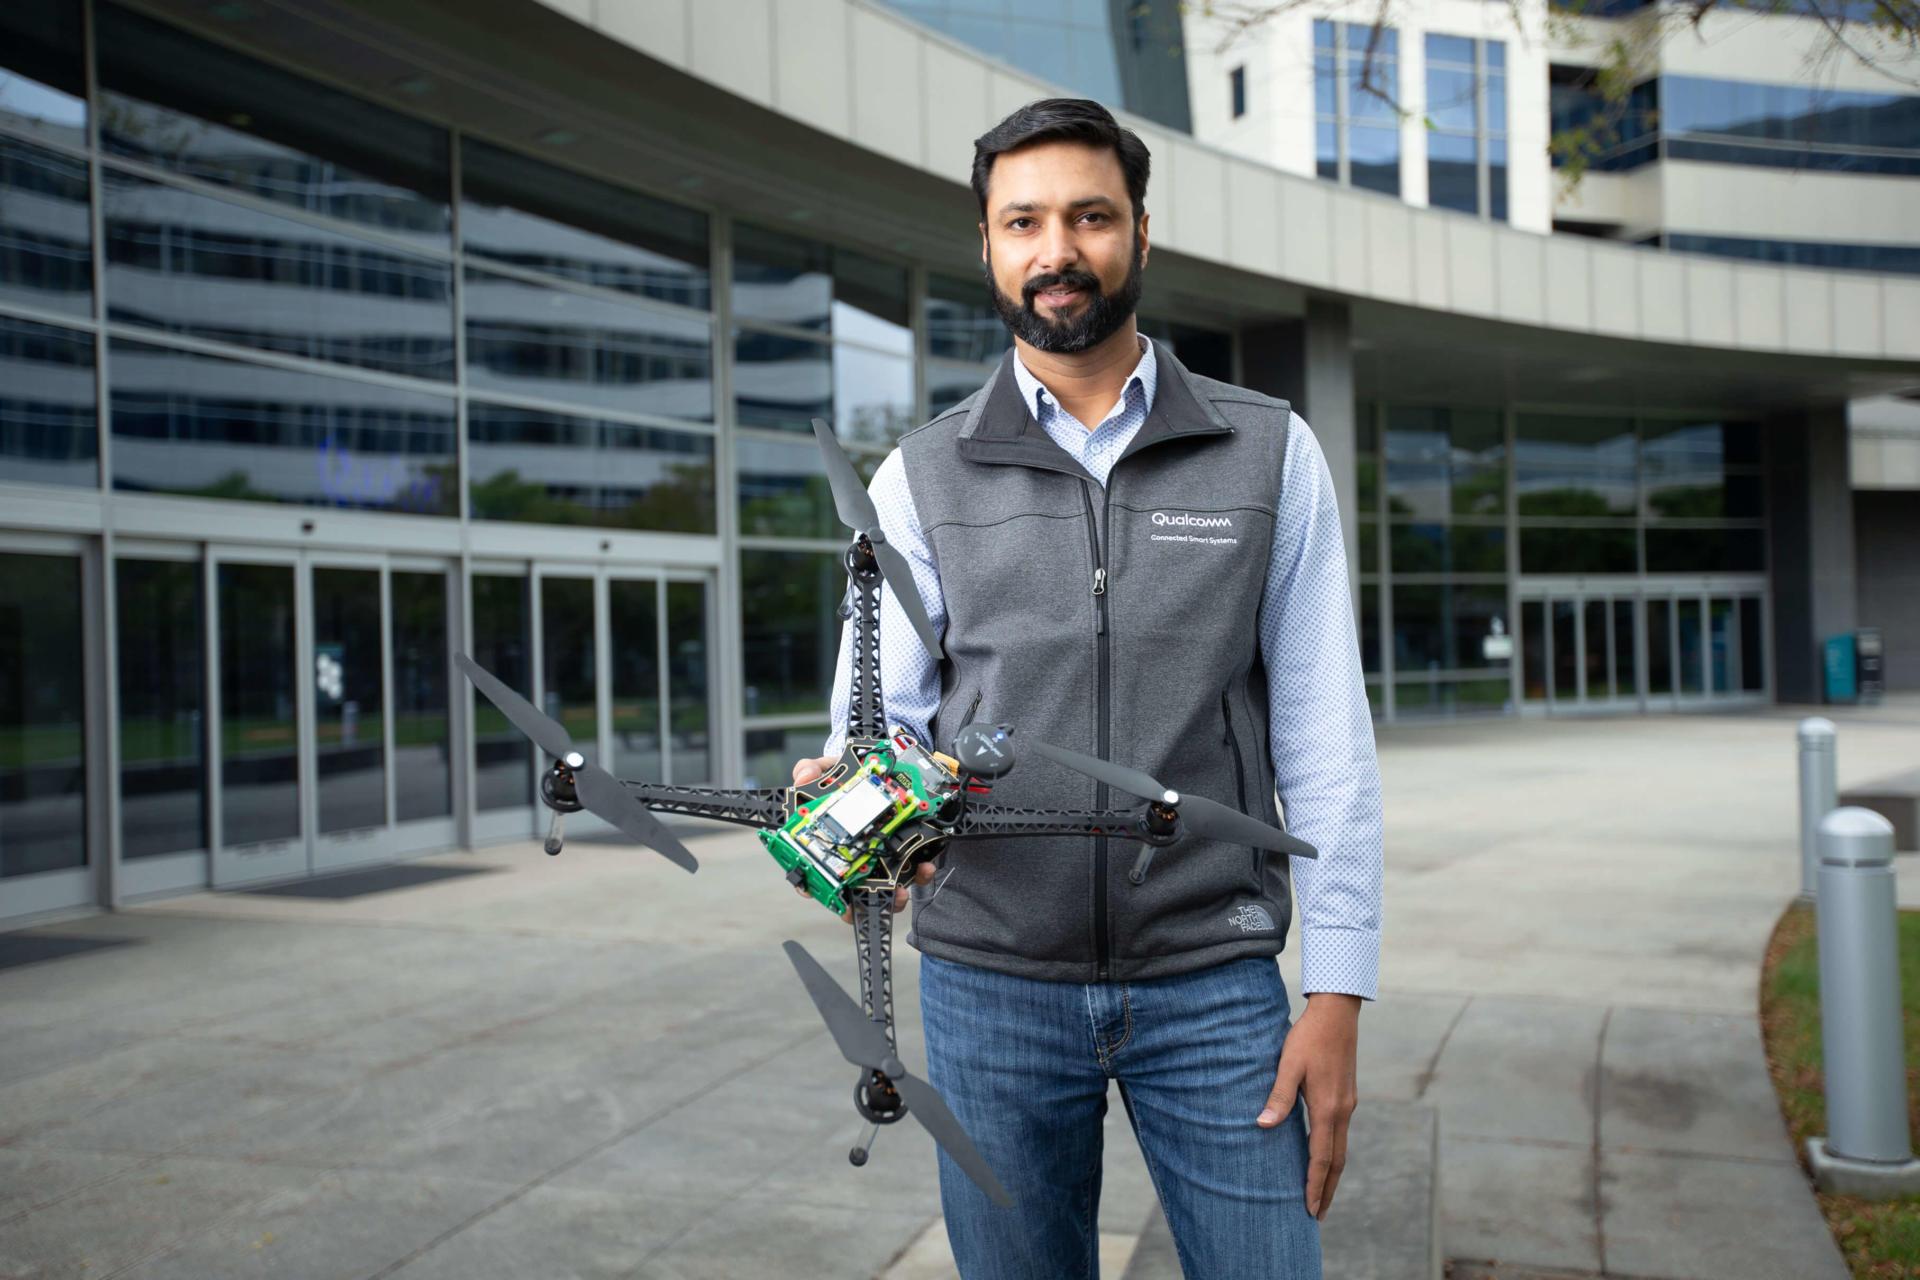 Qualcomm giới thiệu nền tảng Drone được hỗ trợ AI và 5G